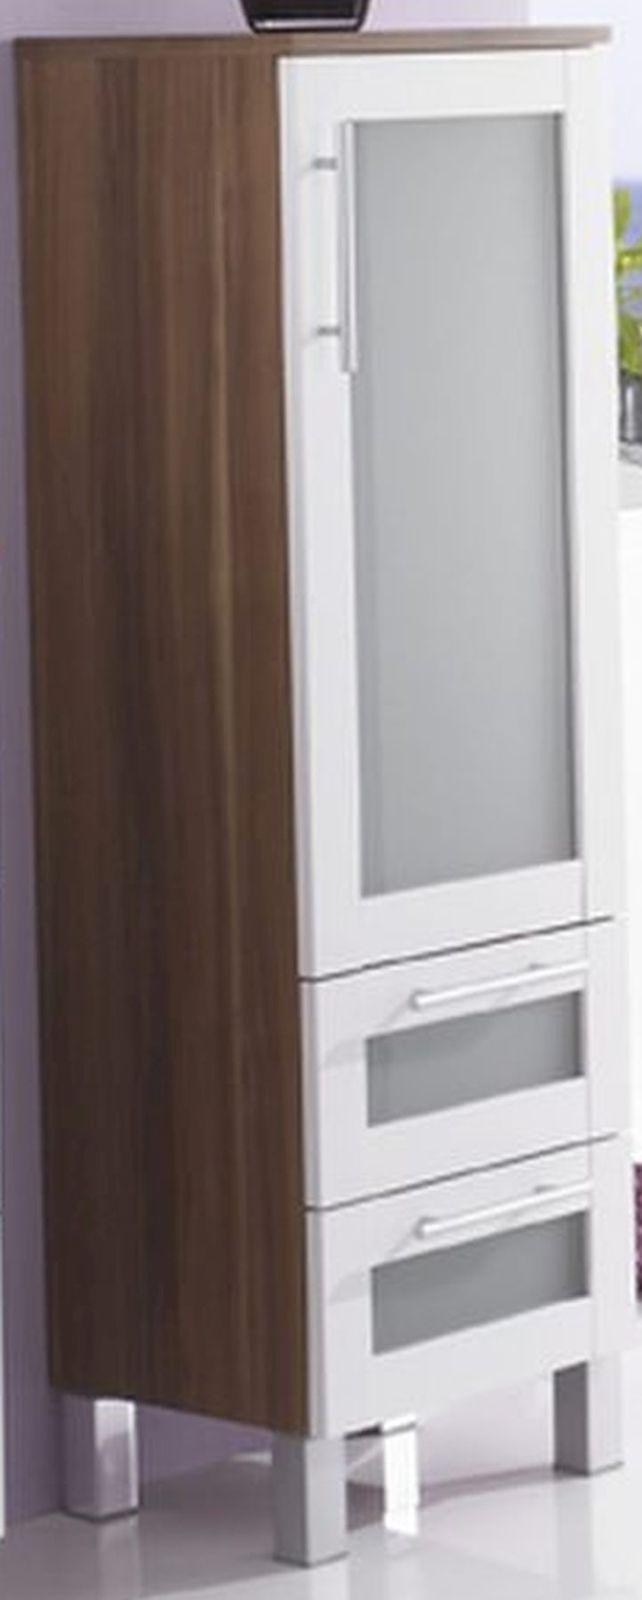 hochschrank mit schubladen. Black Bedroom Furniture Sets. Home Design Ideas